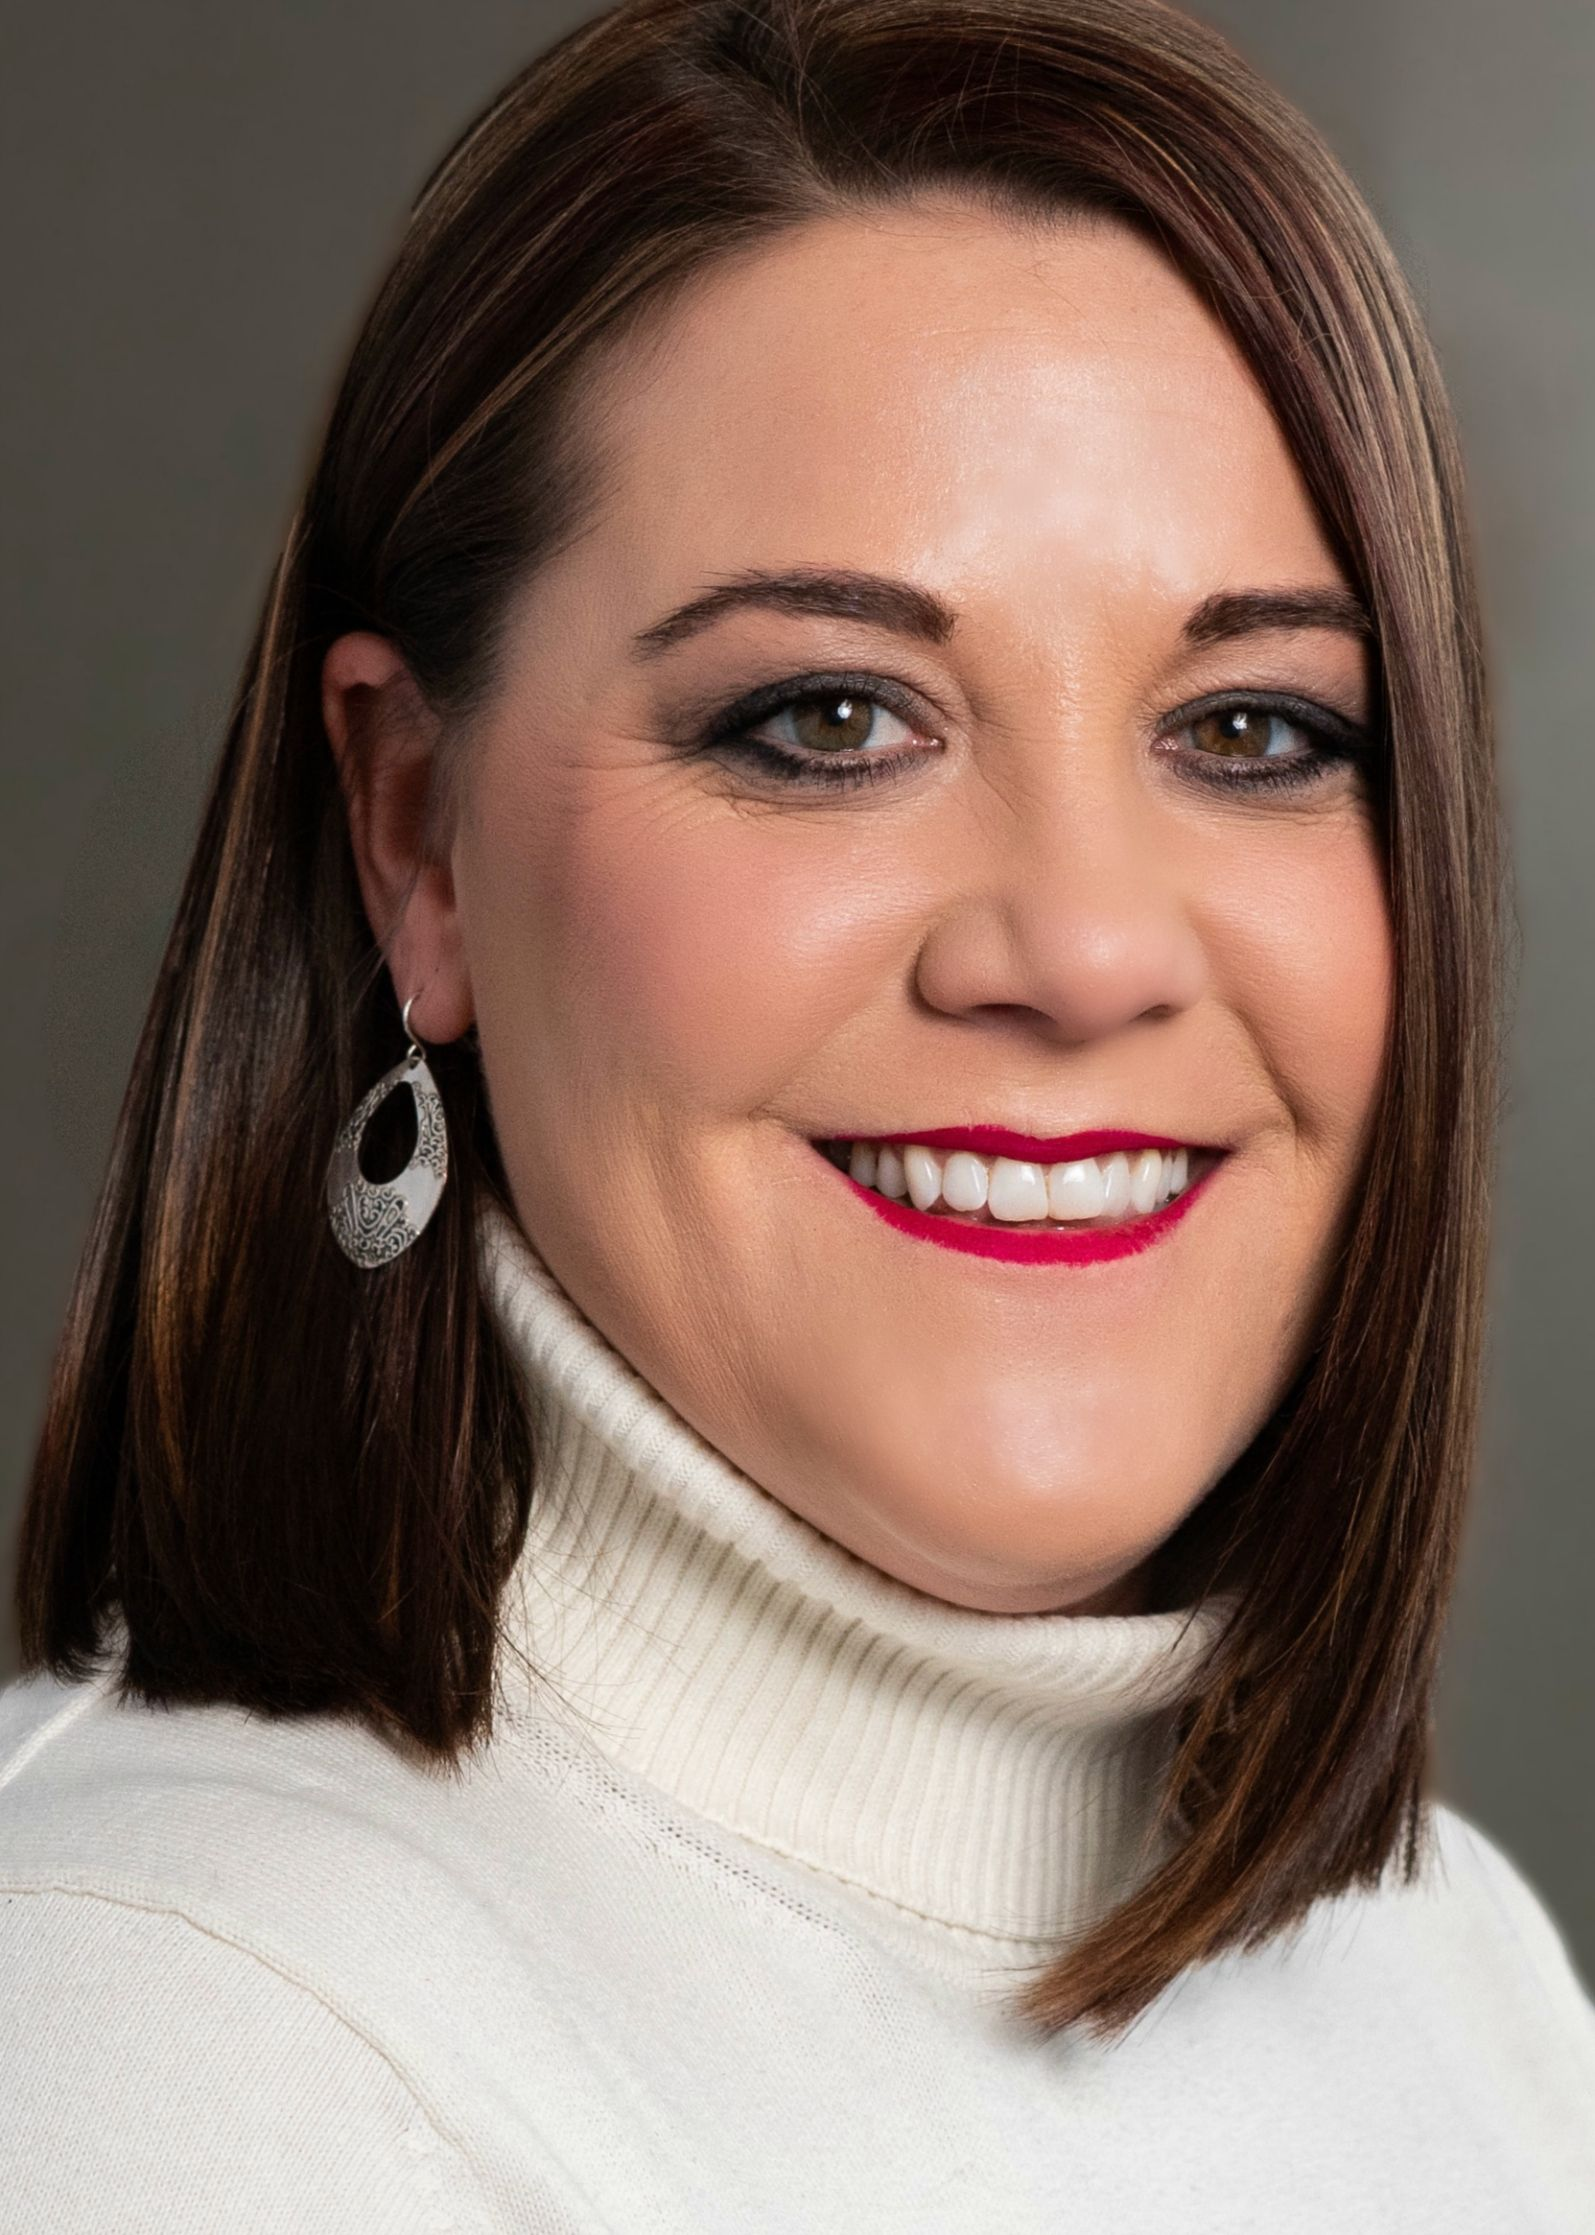 Terri McCormick